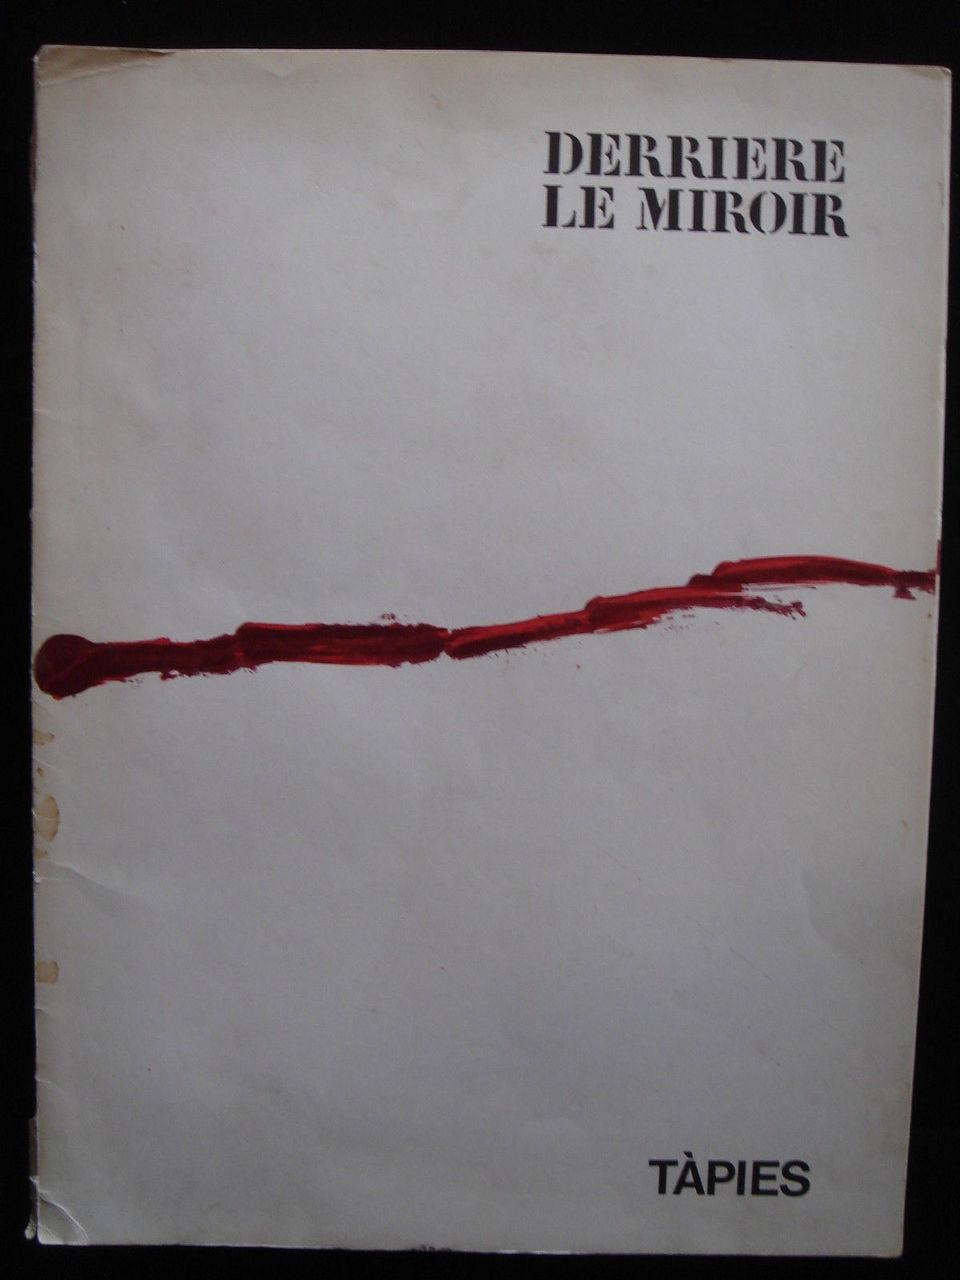 DERRIERE LE MIROIR #180 - Oct 1969 *Tapies Lithographs*